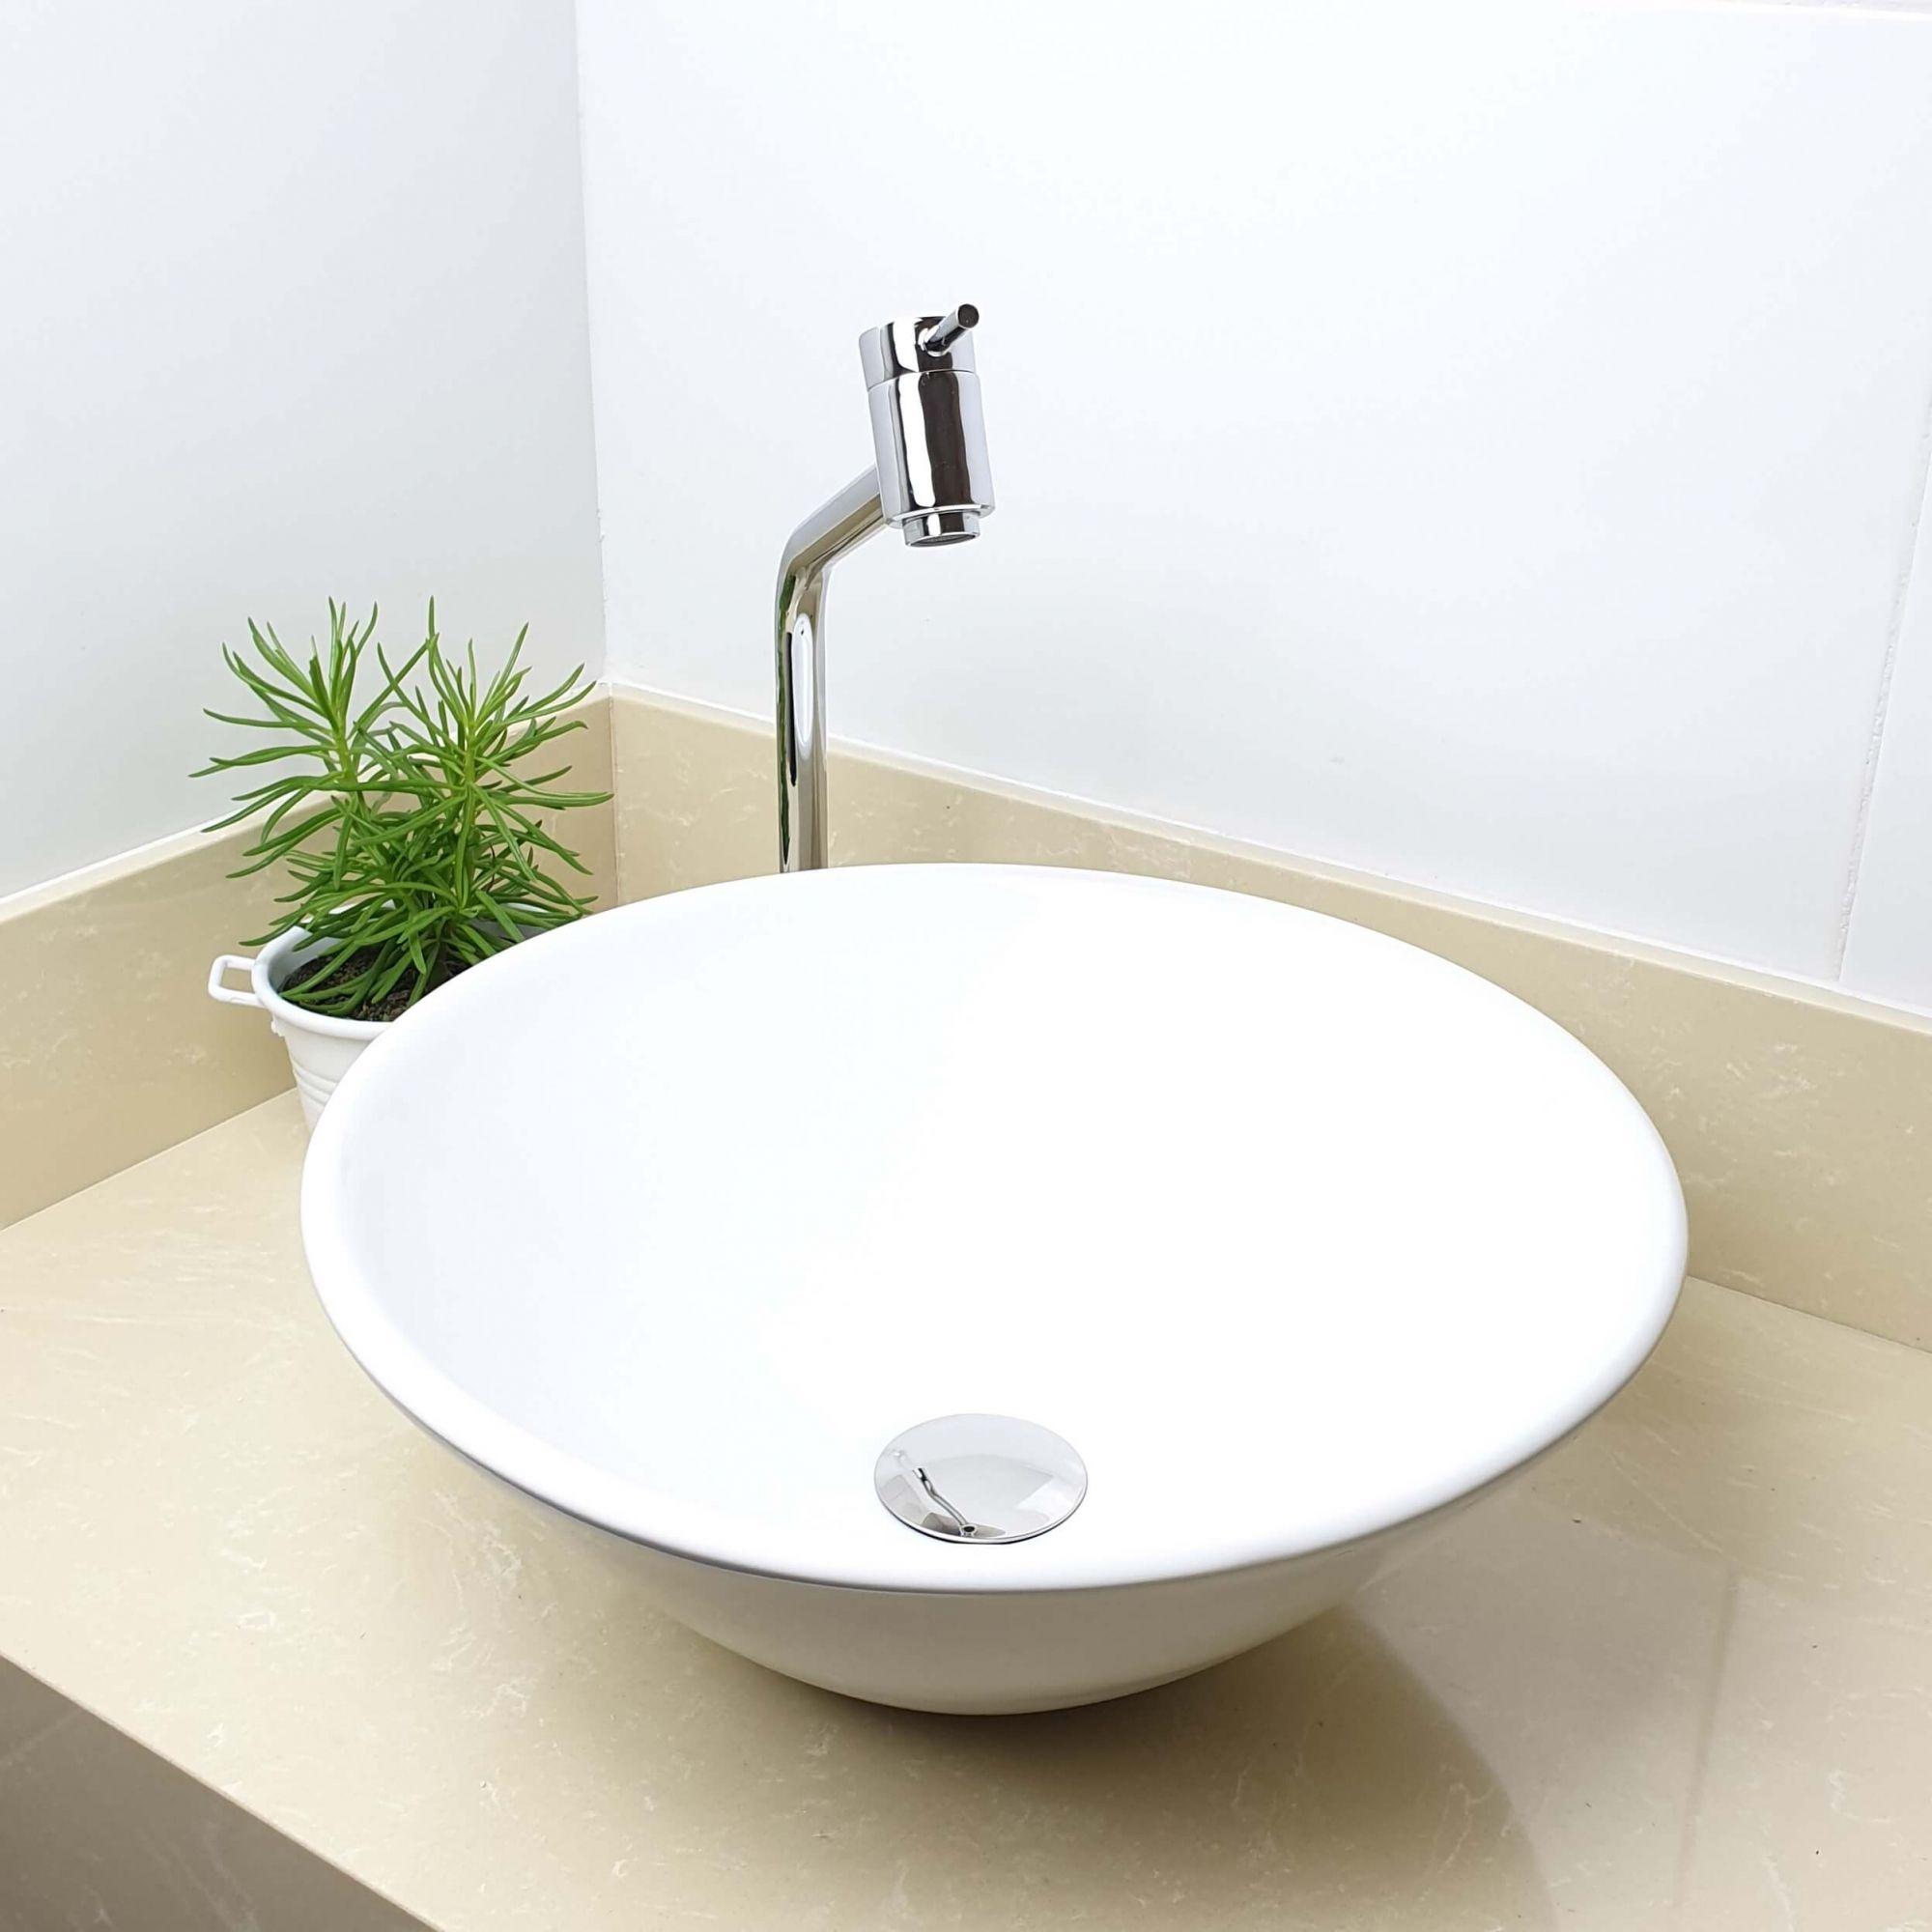 Cuba Banheiro Apoio Redonda 38x16cm com Torneira Bica Alta,  Válvula Click  Sifão e Flexível  - DOTEC SHOP